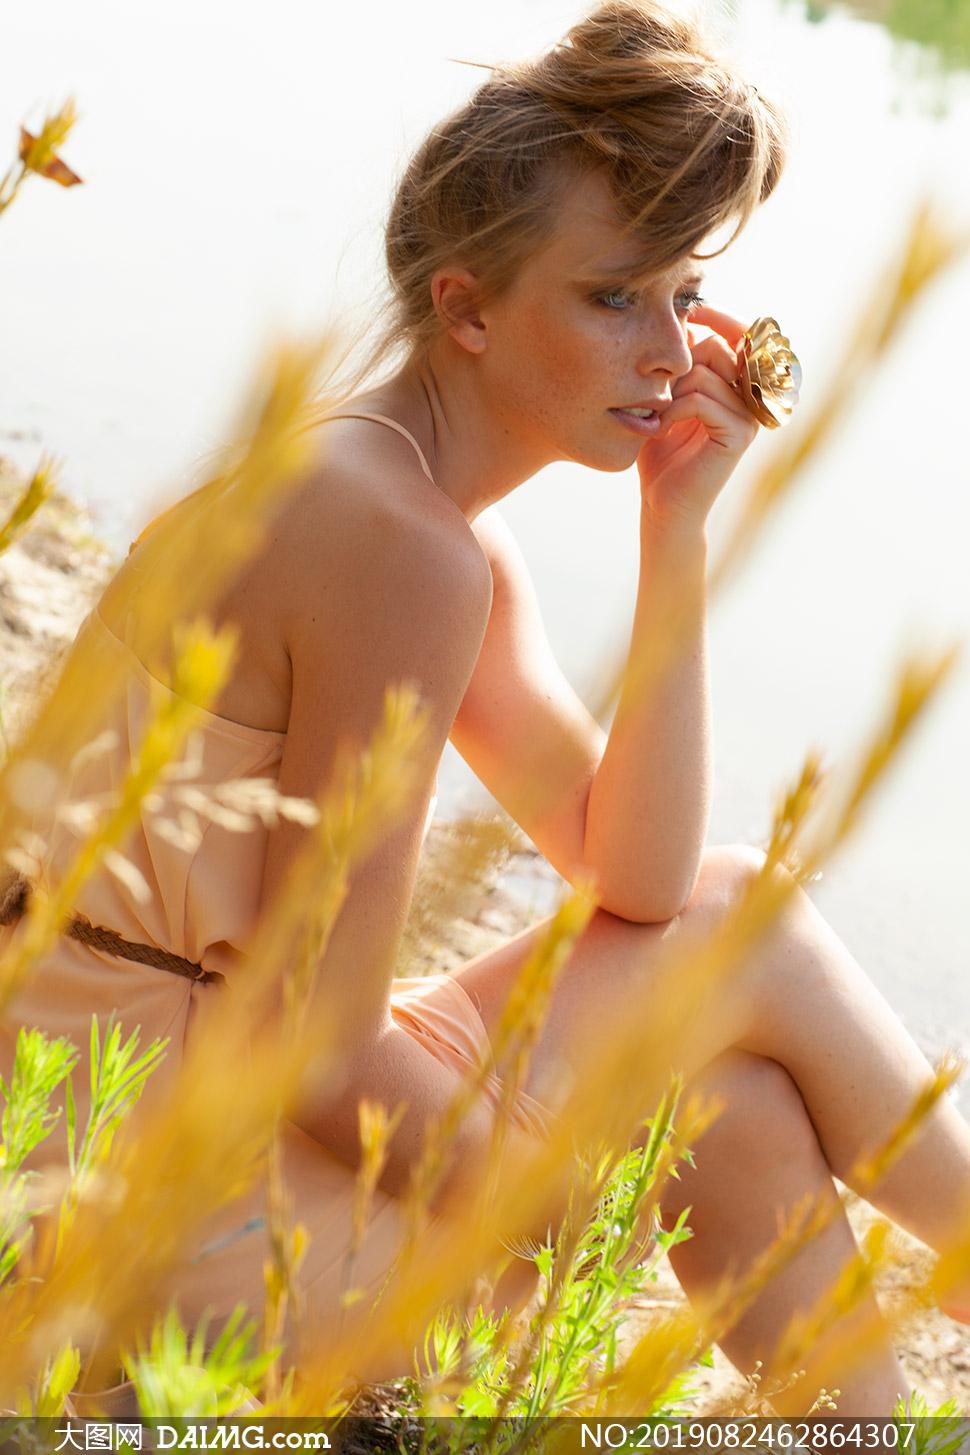 坐在小河边的盘发美女摄影原片素材